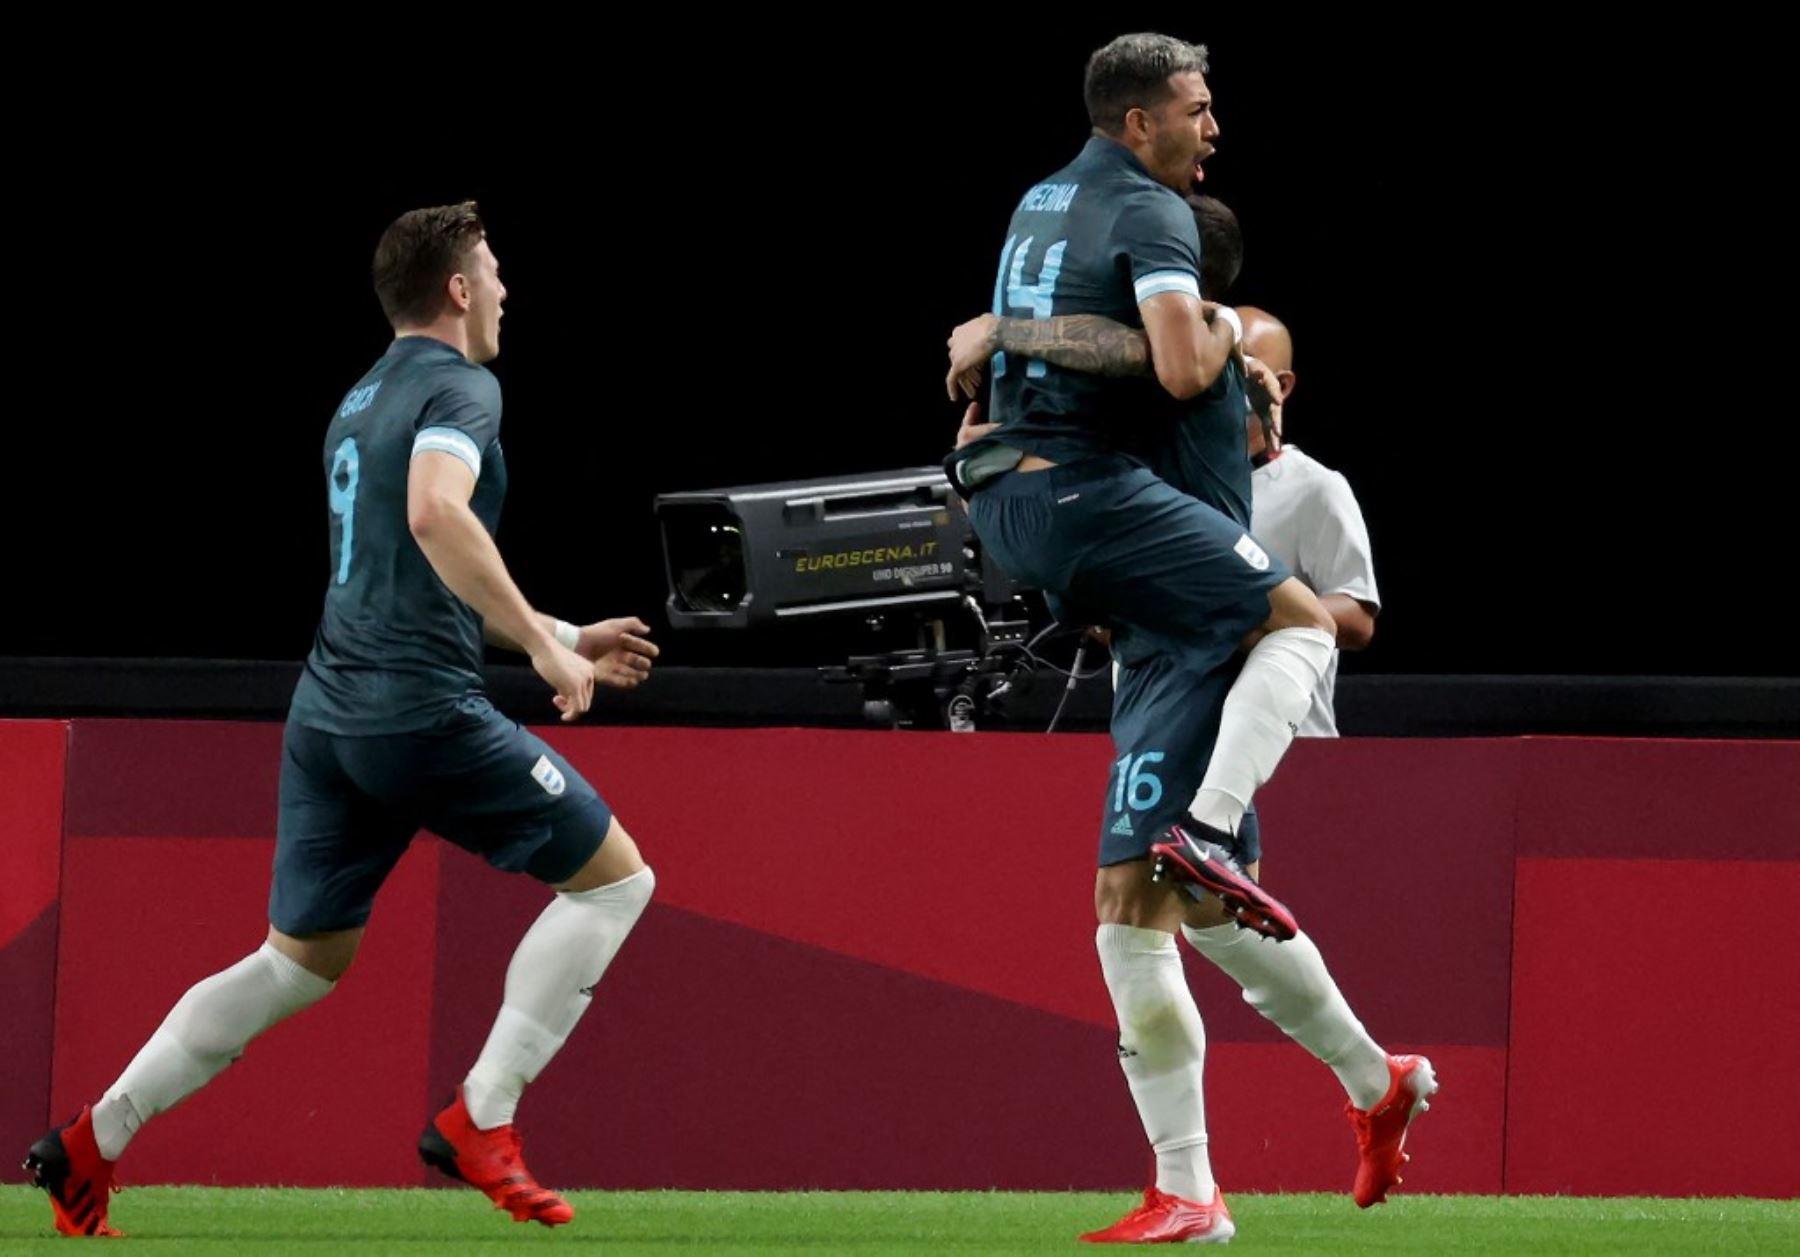 Los argentinos se mantienen con vida en el fútbol olímpico al vencer 1-0 a Egipto